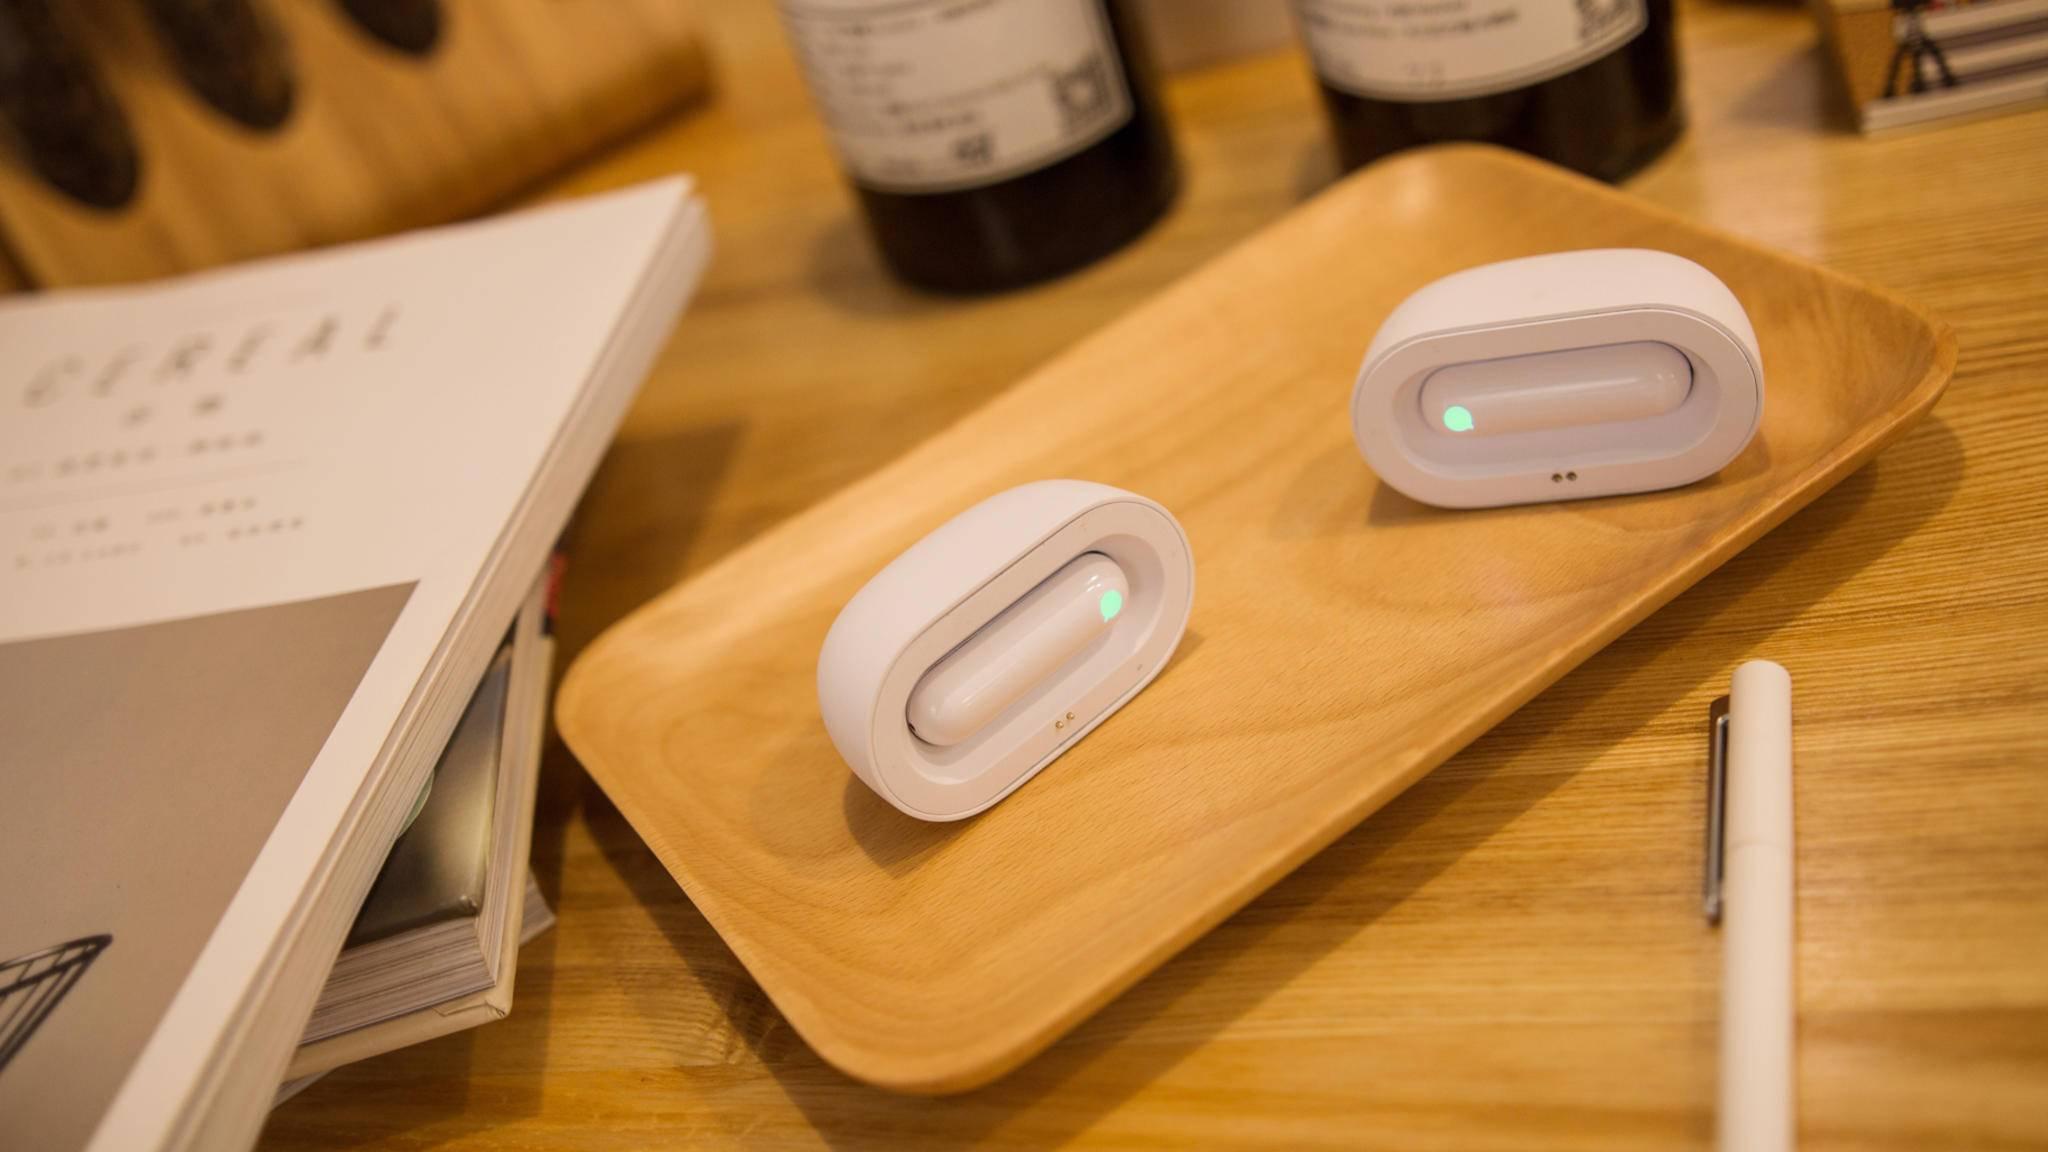 Das aktiviert die In-Ear-Kopfhörer und lässt sie leuchten.